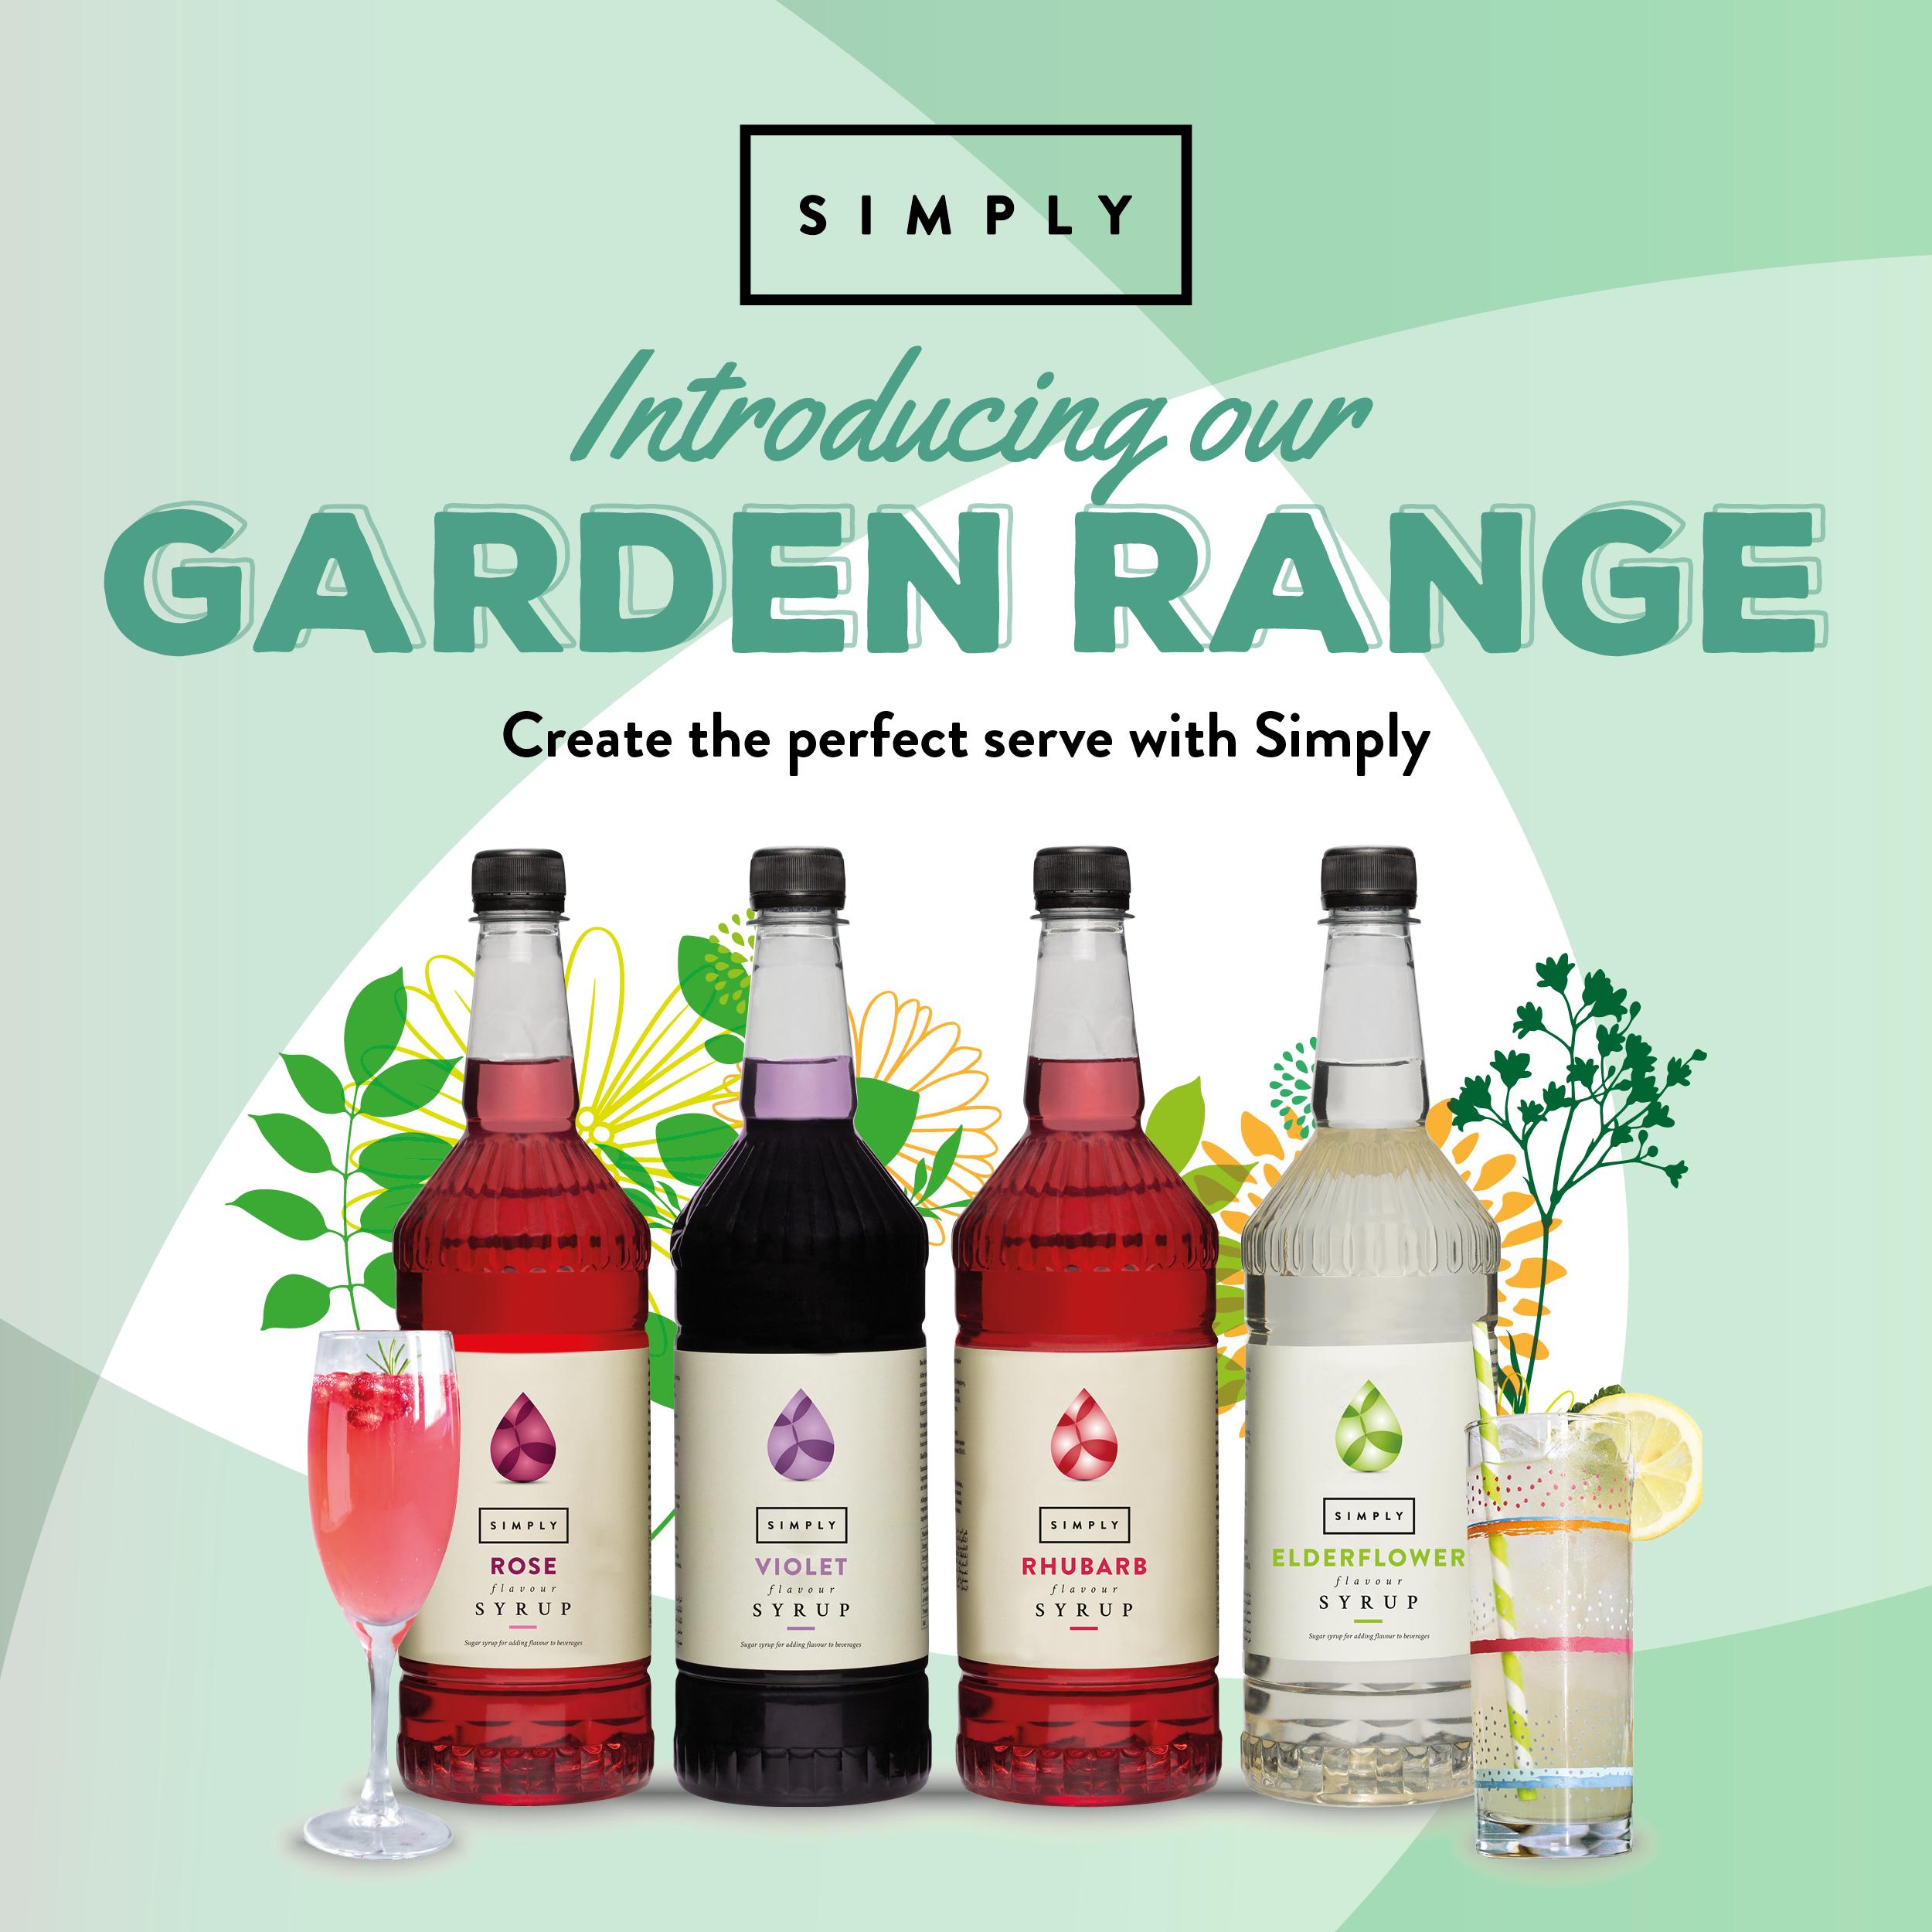 Simply Syrups Garden Range